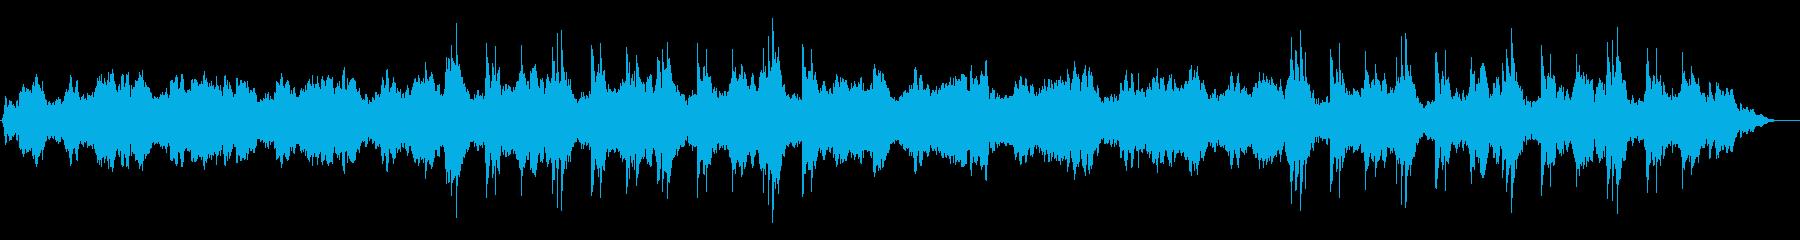 感動スローモーション映像系アンビエントの再生済みの波形